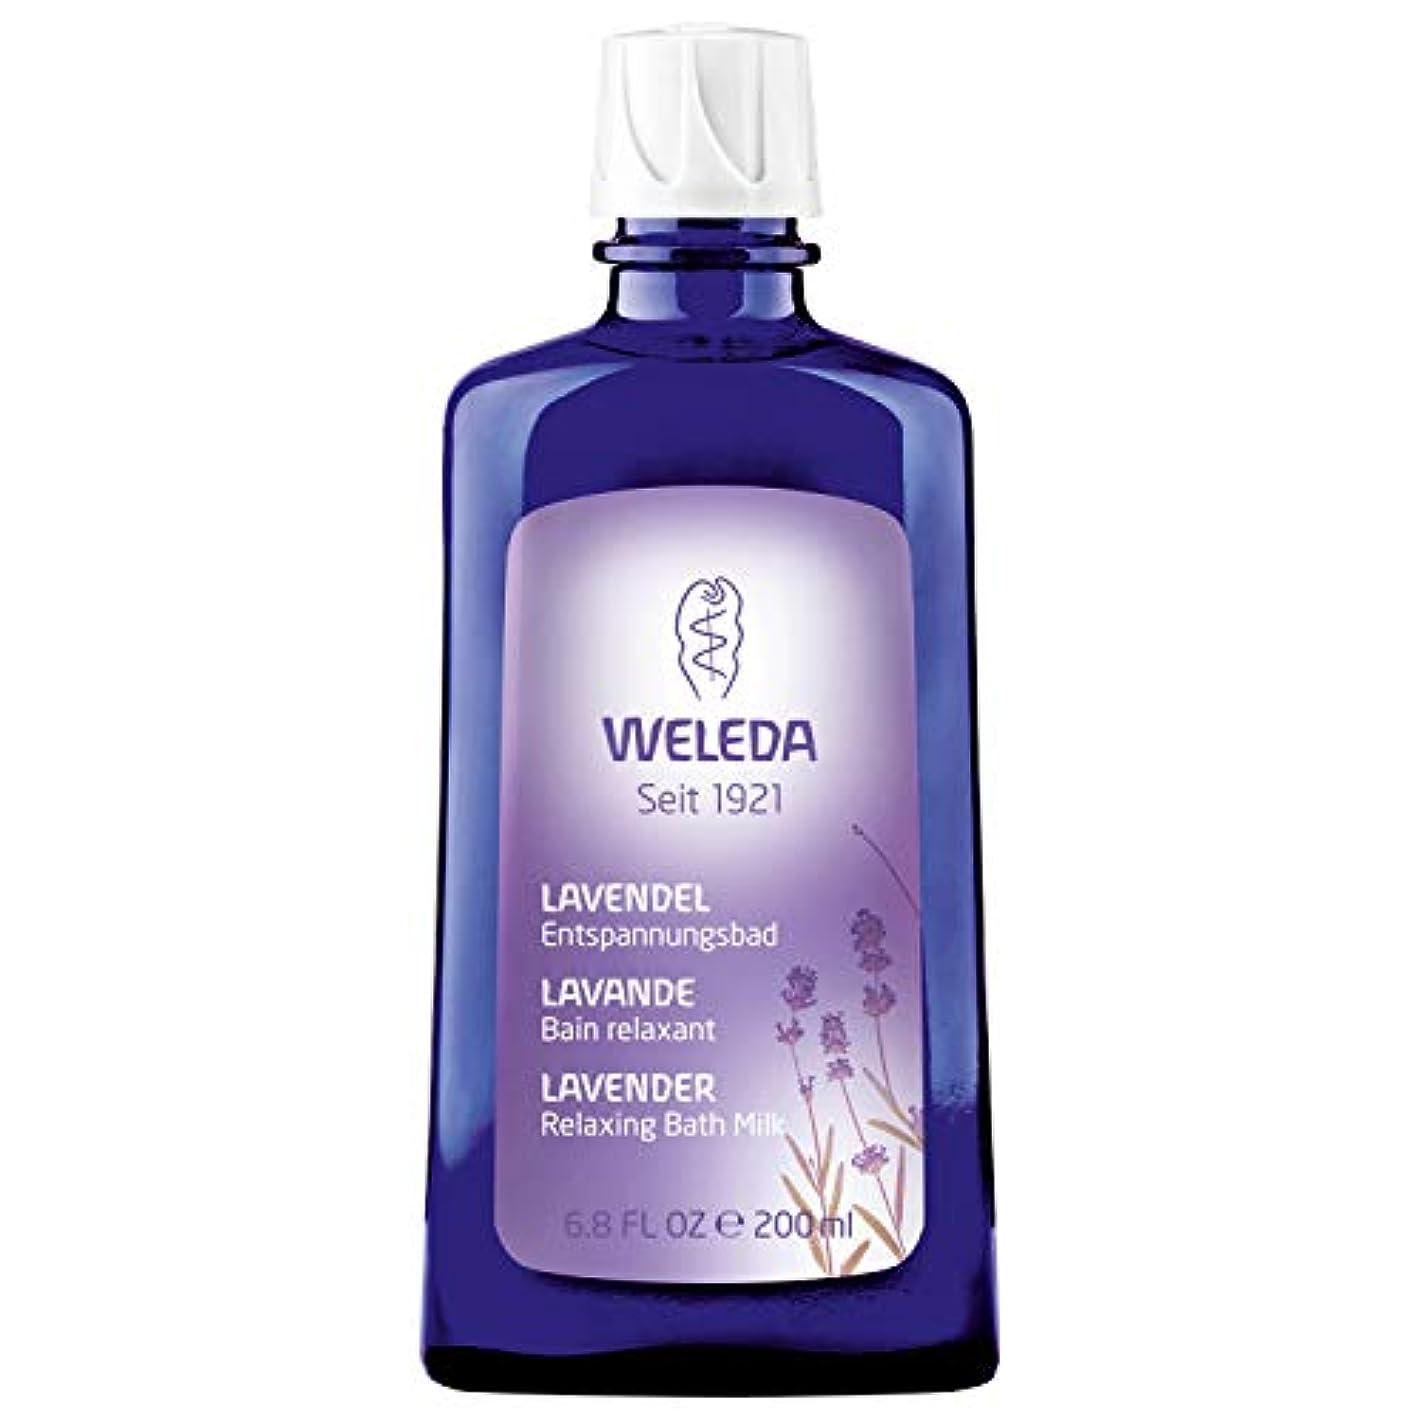 勝者きらきらまどろみのあるWELEDA(ヴェレダ) ヴェレダ ラベンダー バスミルク ラベンダーの香り 単品 200ml